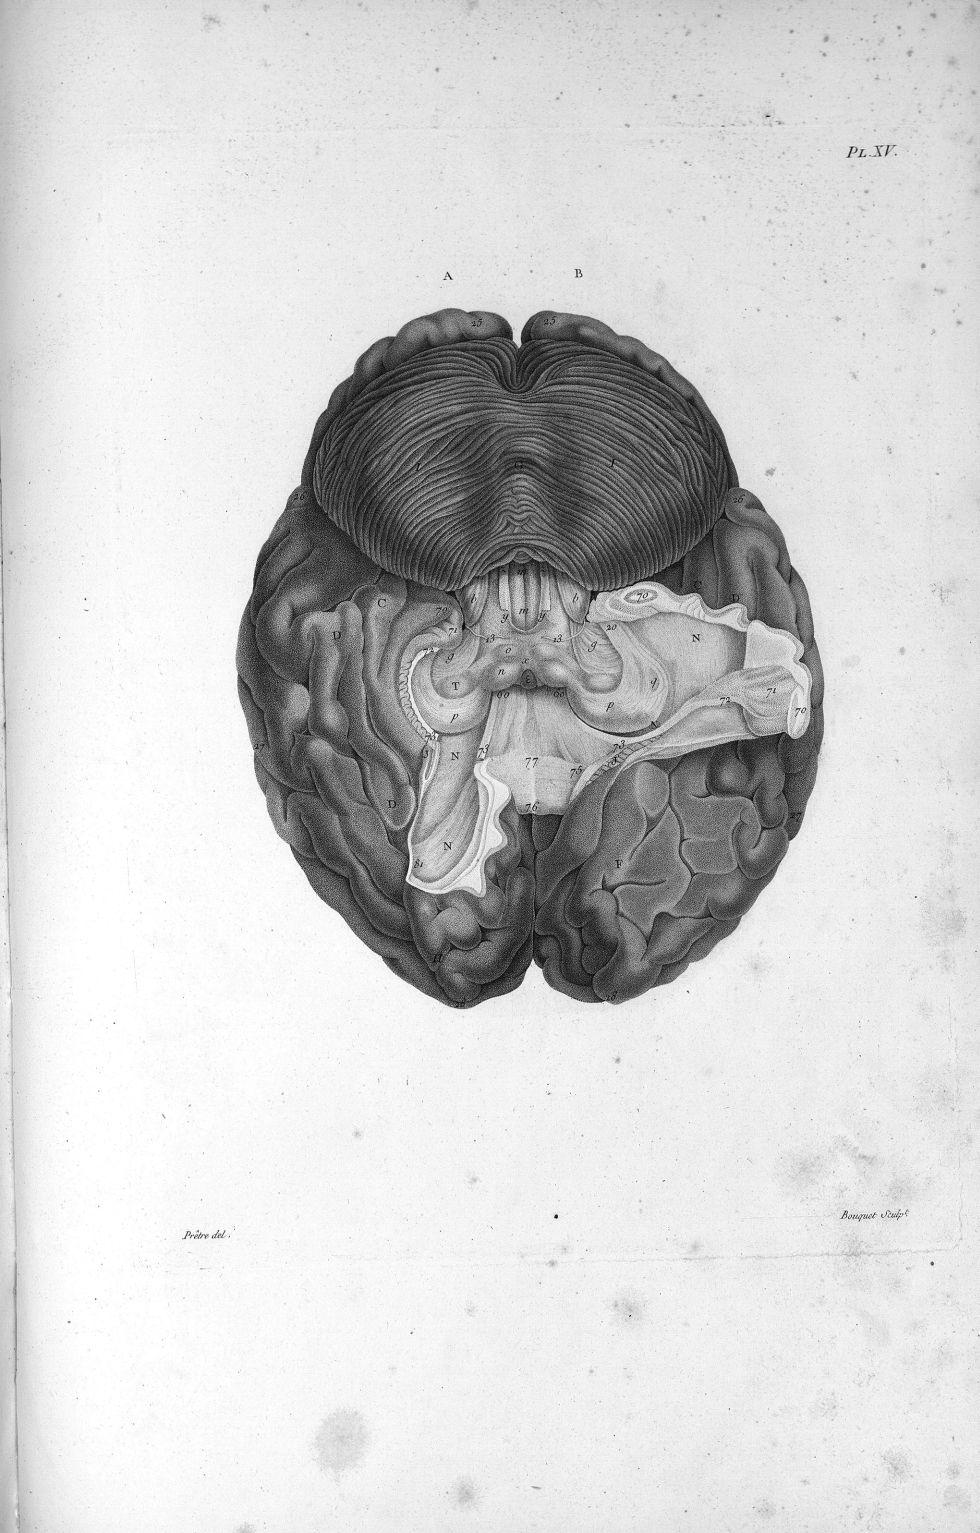 Pl. XV. Cerveau humain posé sur sa face supérieure - Anatomie et physiologie du système nerveux en g [...] - Anatomie. Neurologie. Cerveaux (têtes). 19e siècle (France) - med00575x01x0333